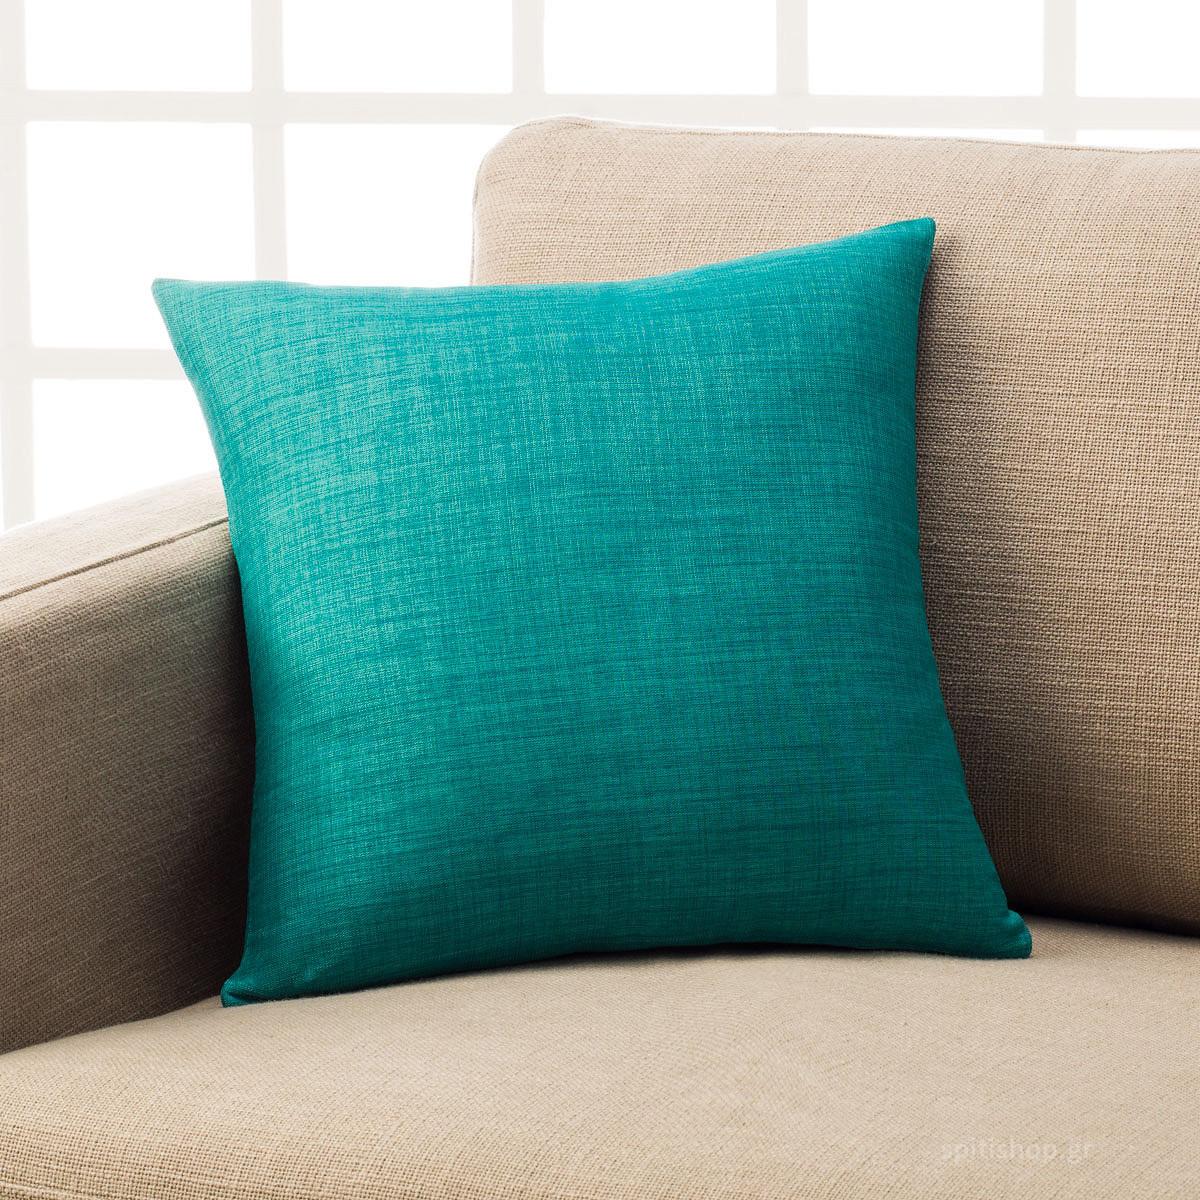 Διακοσμητική Μαξιλαροθήκη (43×43) Gofis Home Chrome Turquoise 930B/18